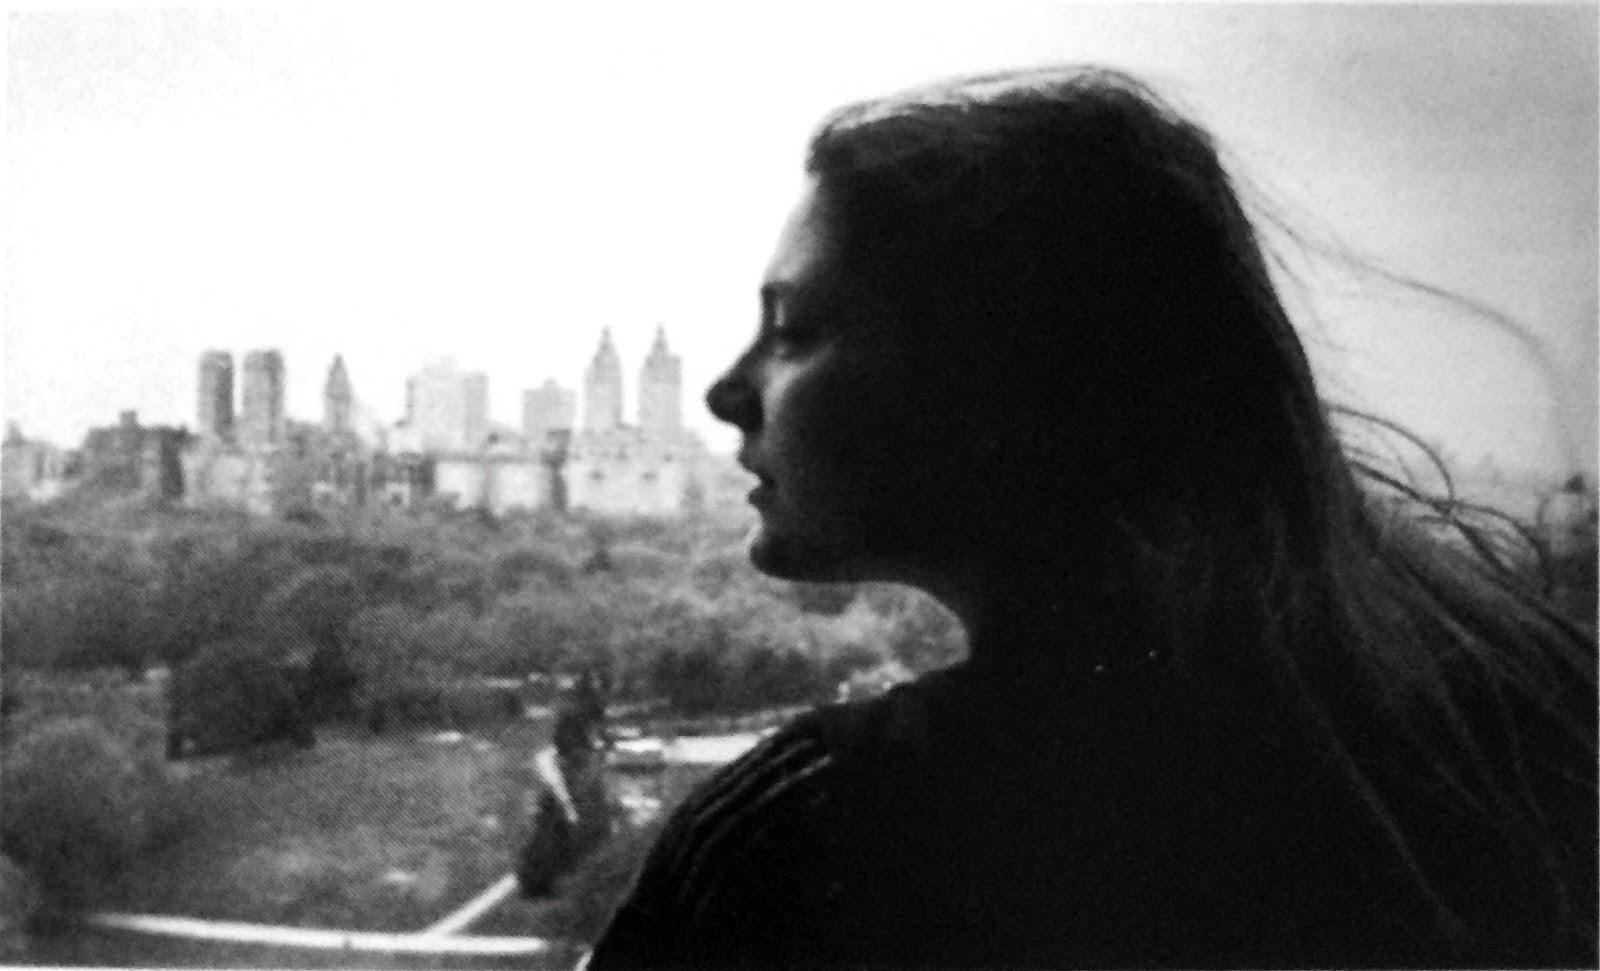 1981. Портрет на фоне Центрального парка. Нью-Йорк